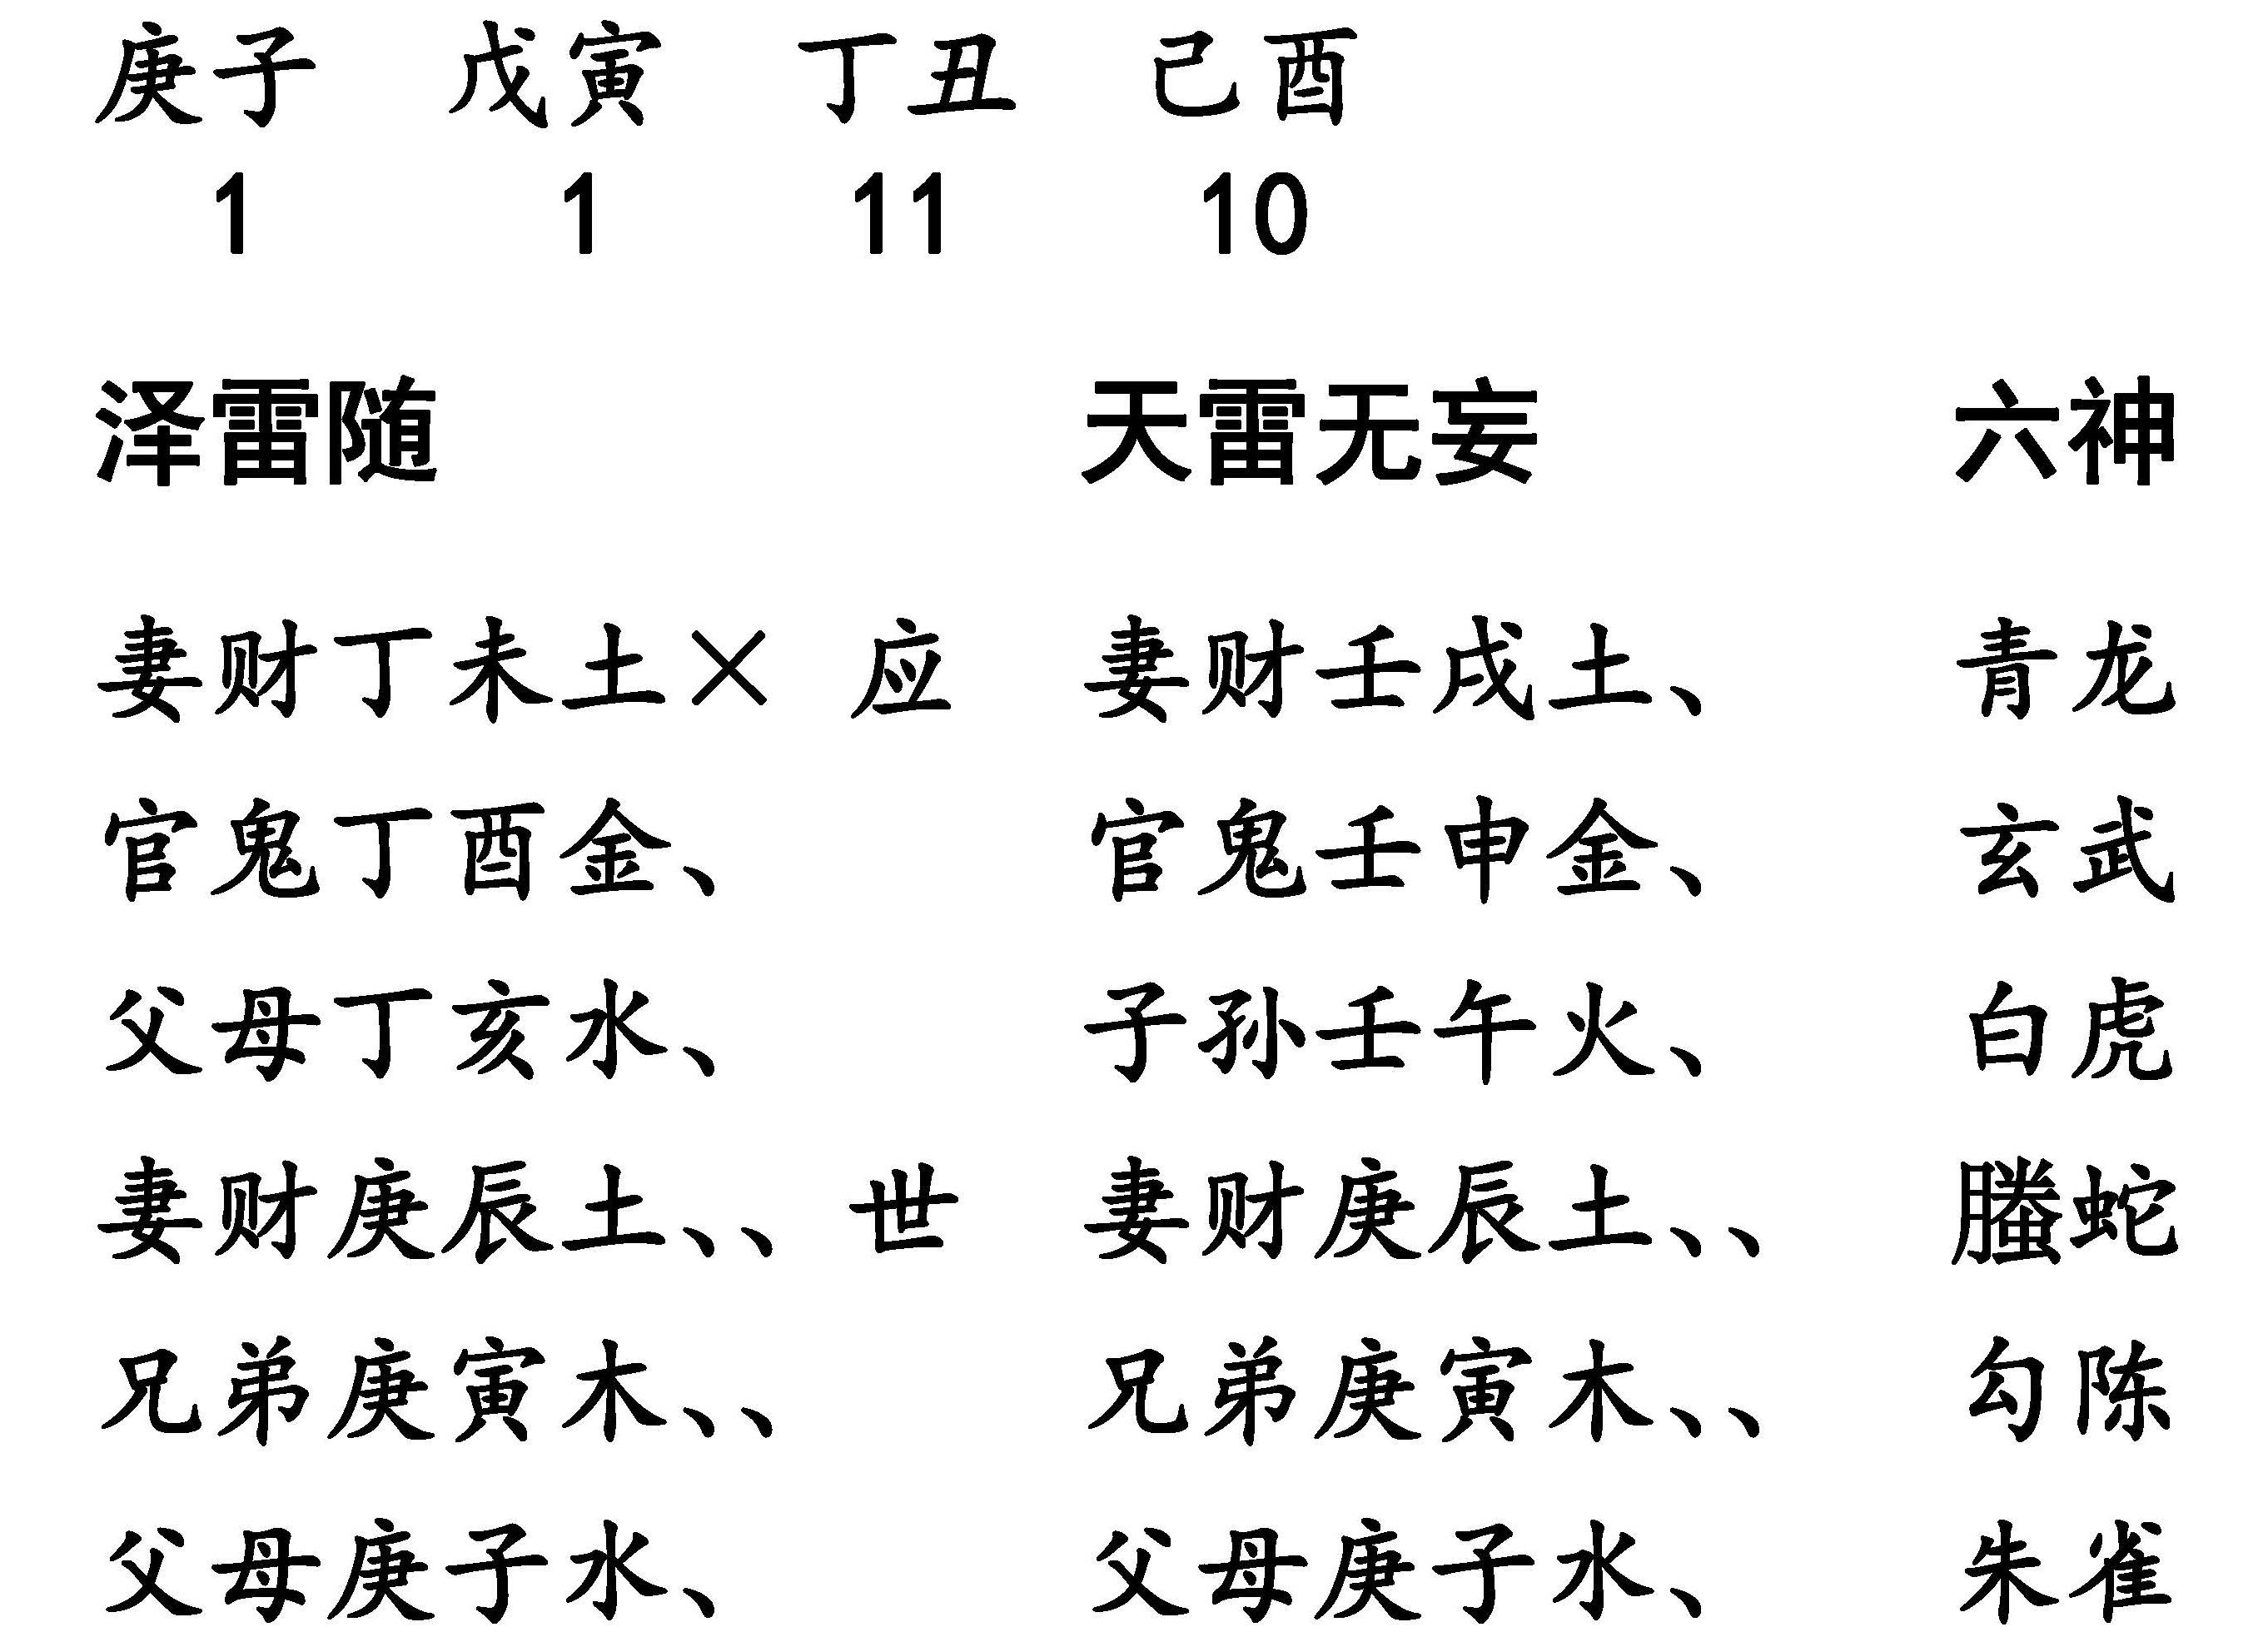 美国民主党年运卦_看图王.jpg